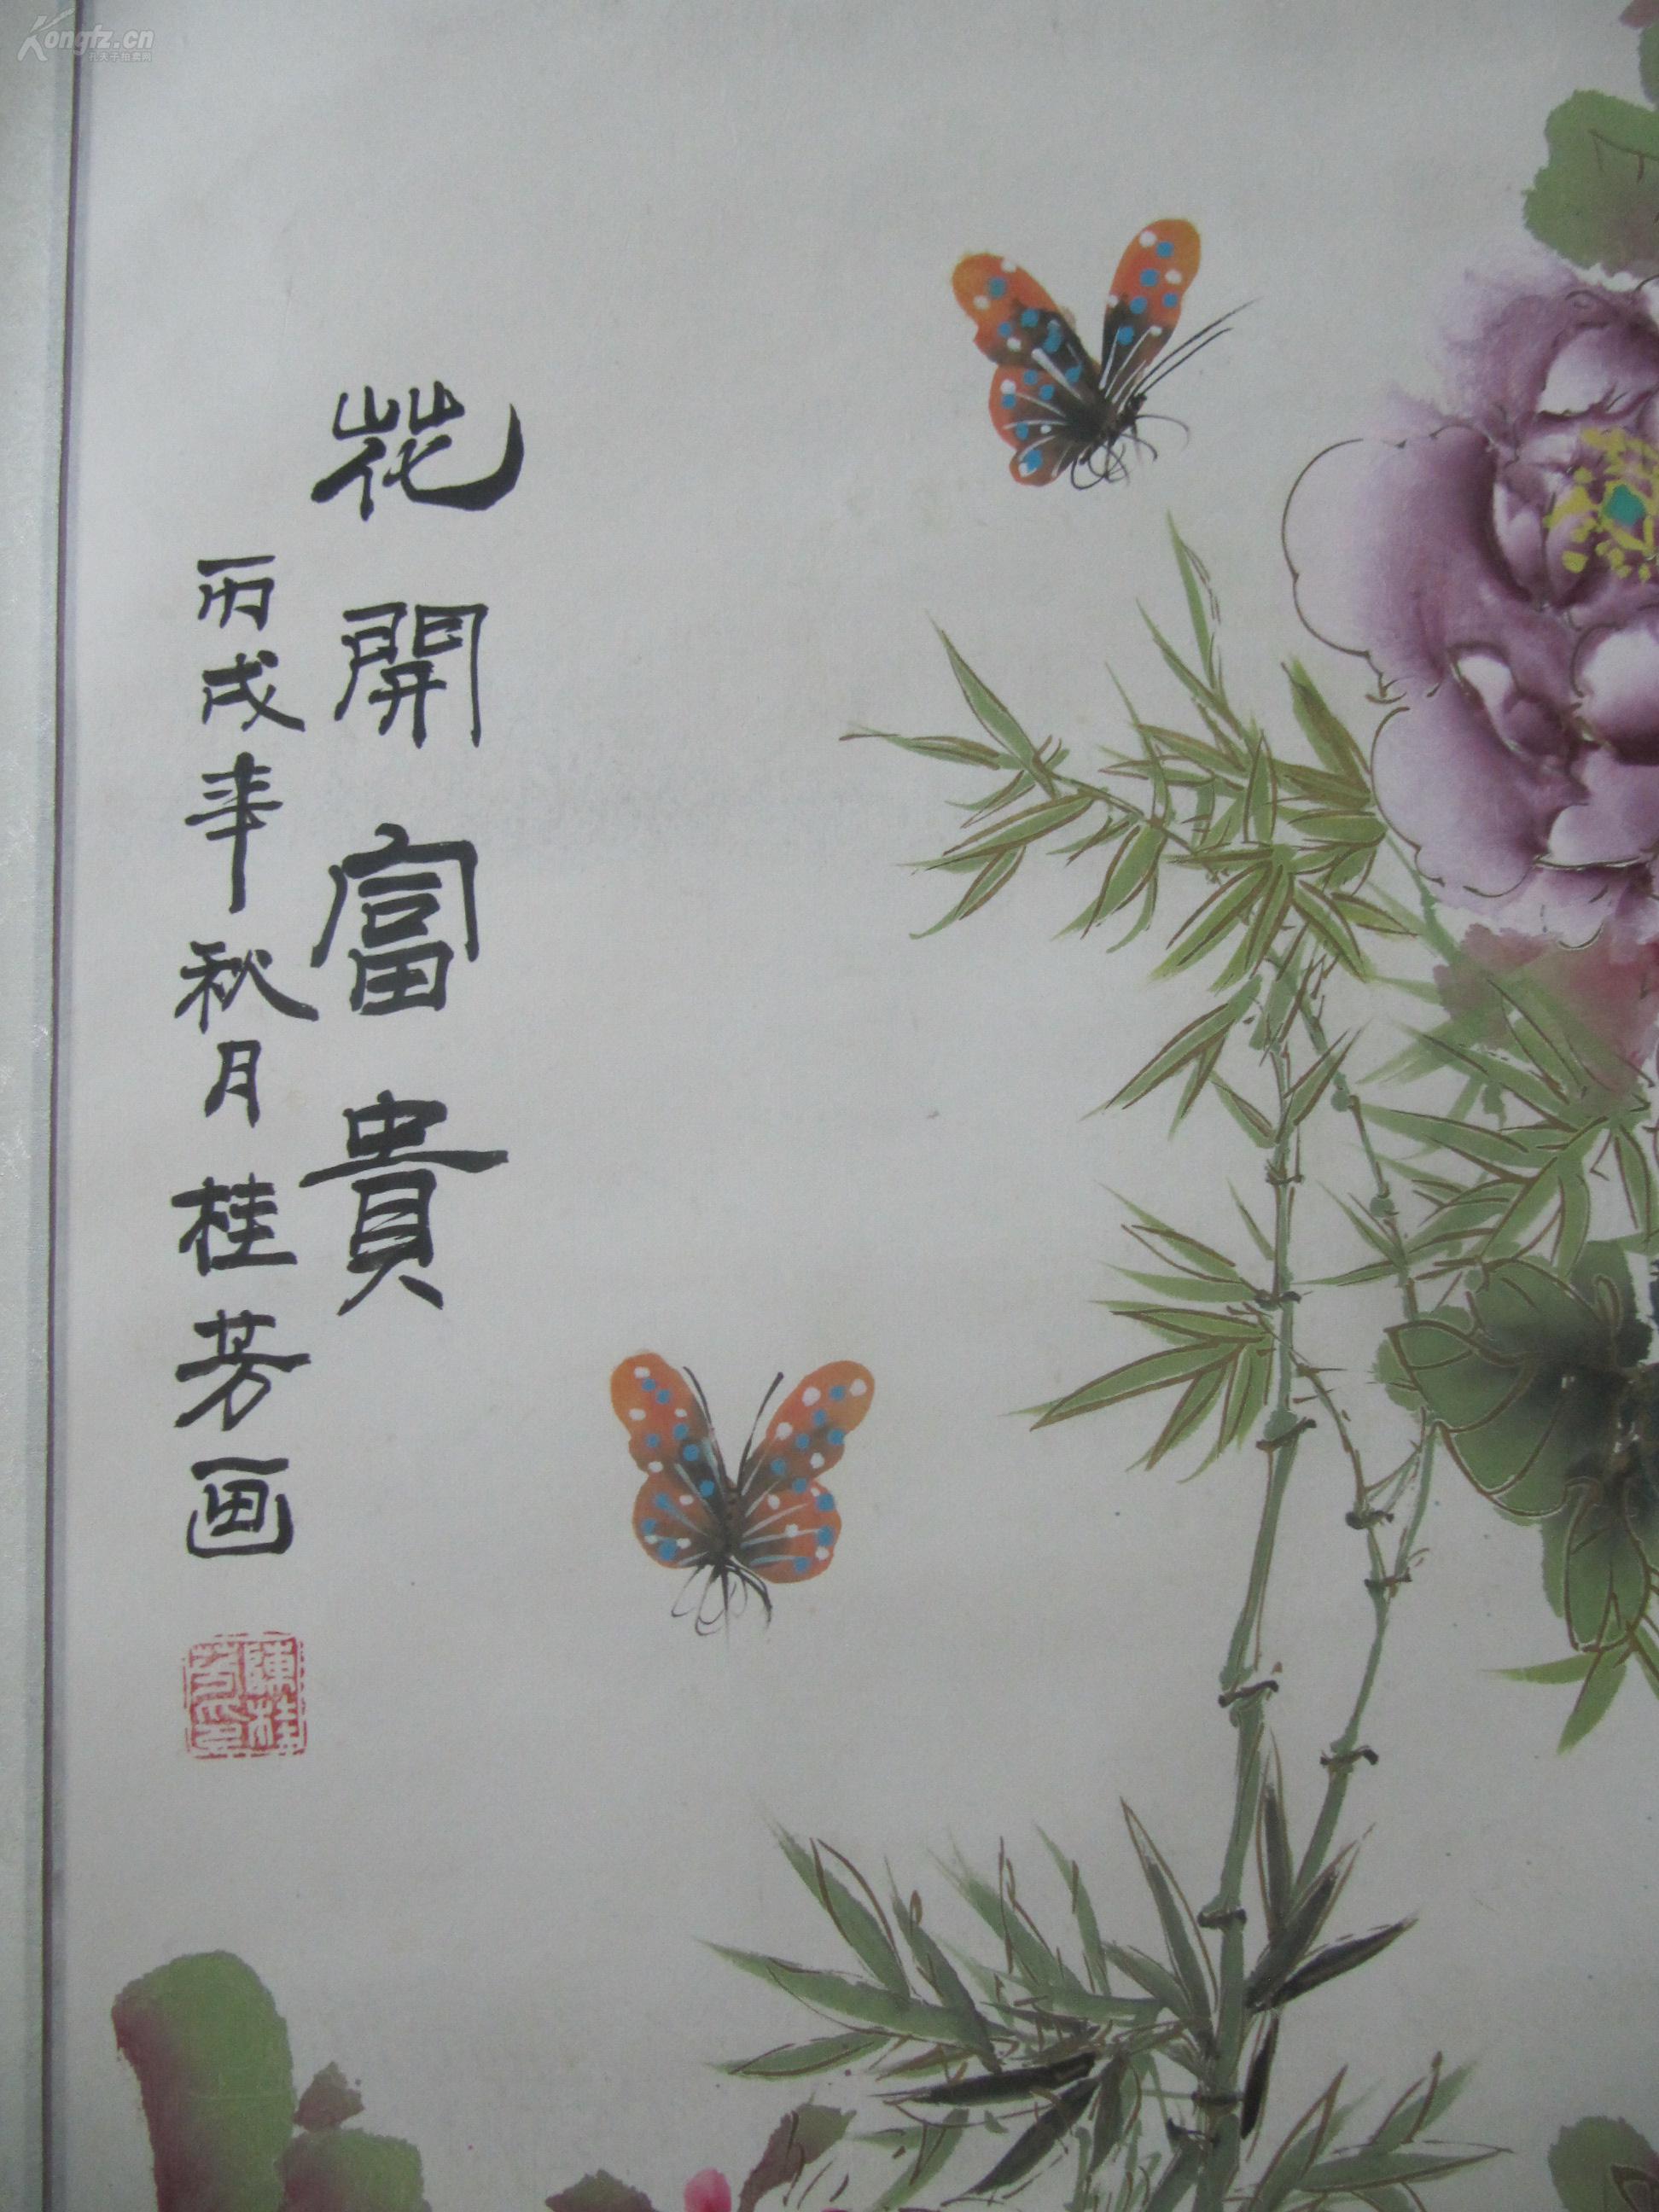 原装裱立轴 中国美术家协会会员,将军书画院副院长 陈桂芳 画画作品一图片